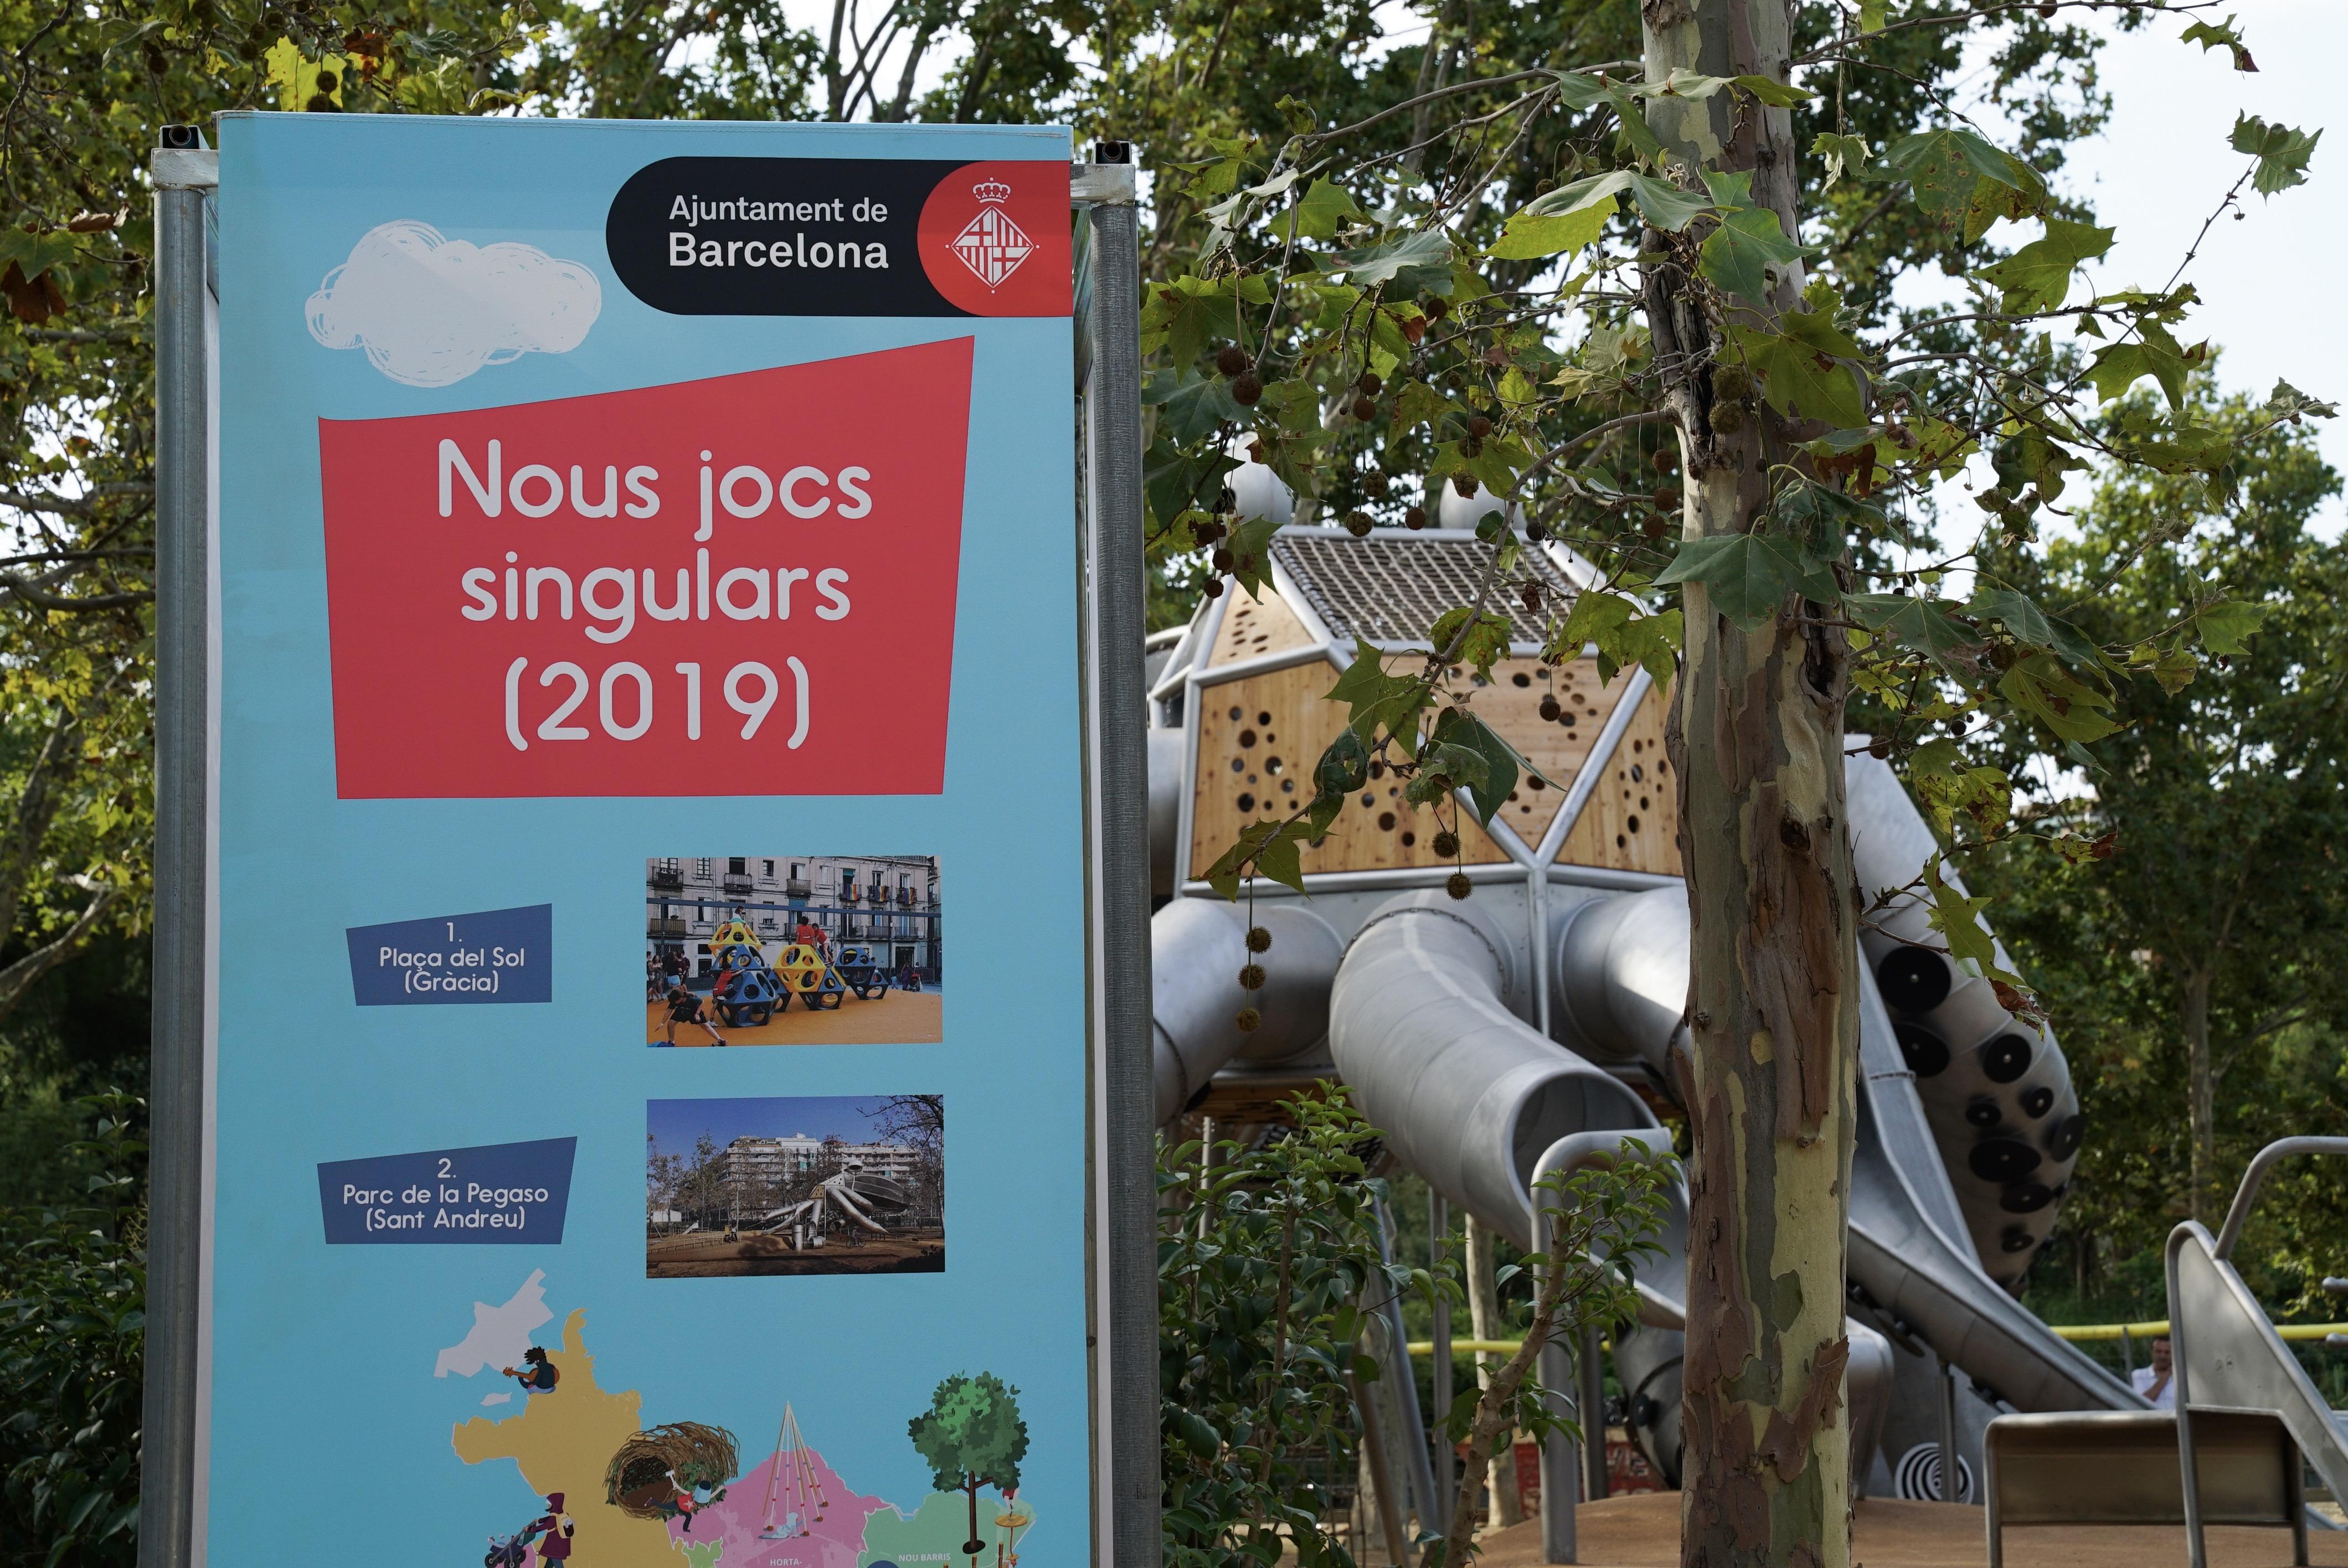 Nou Espai De Jocs Infantils Singulars Al Parc De La Pegaso De Sant Andreu Servei De Premsa